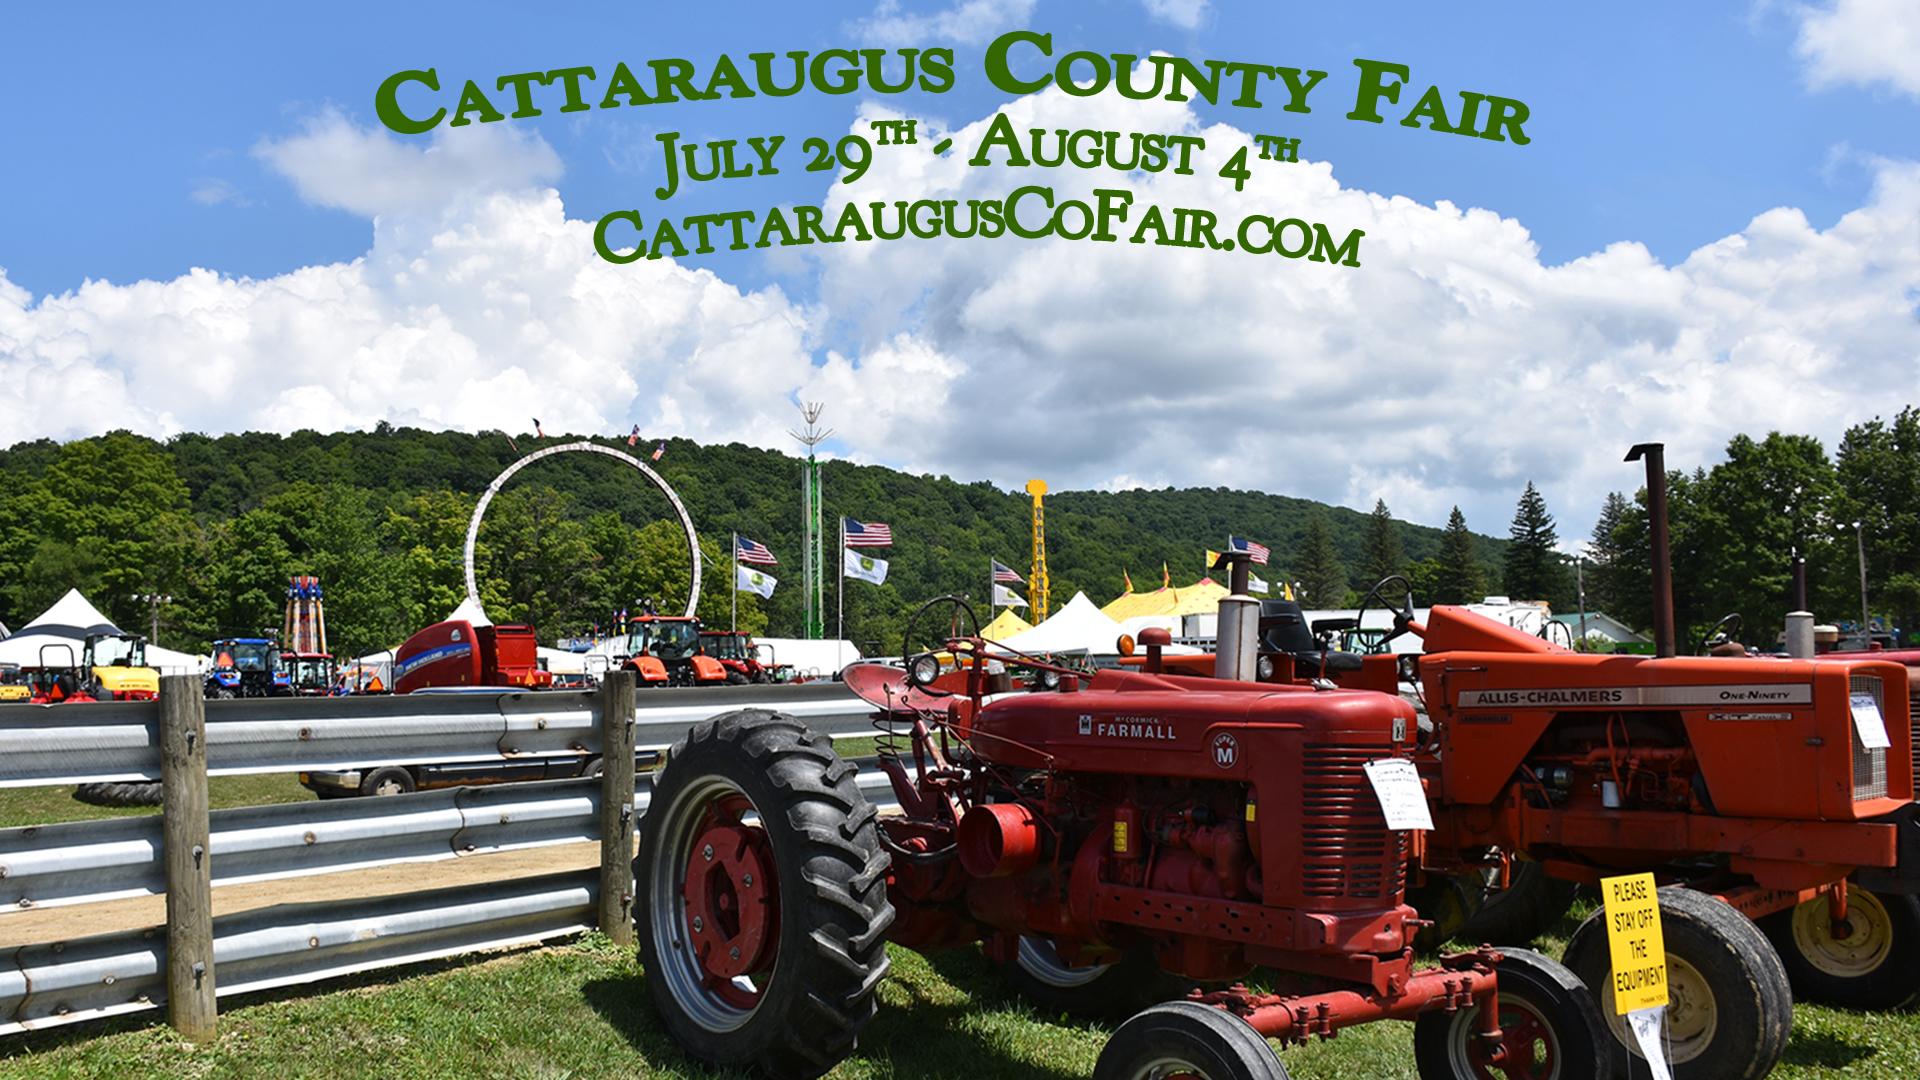 2019 Cattaraugus County Fair